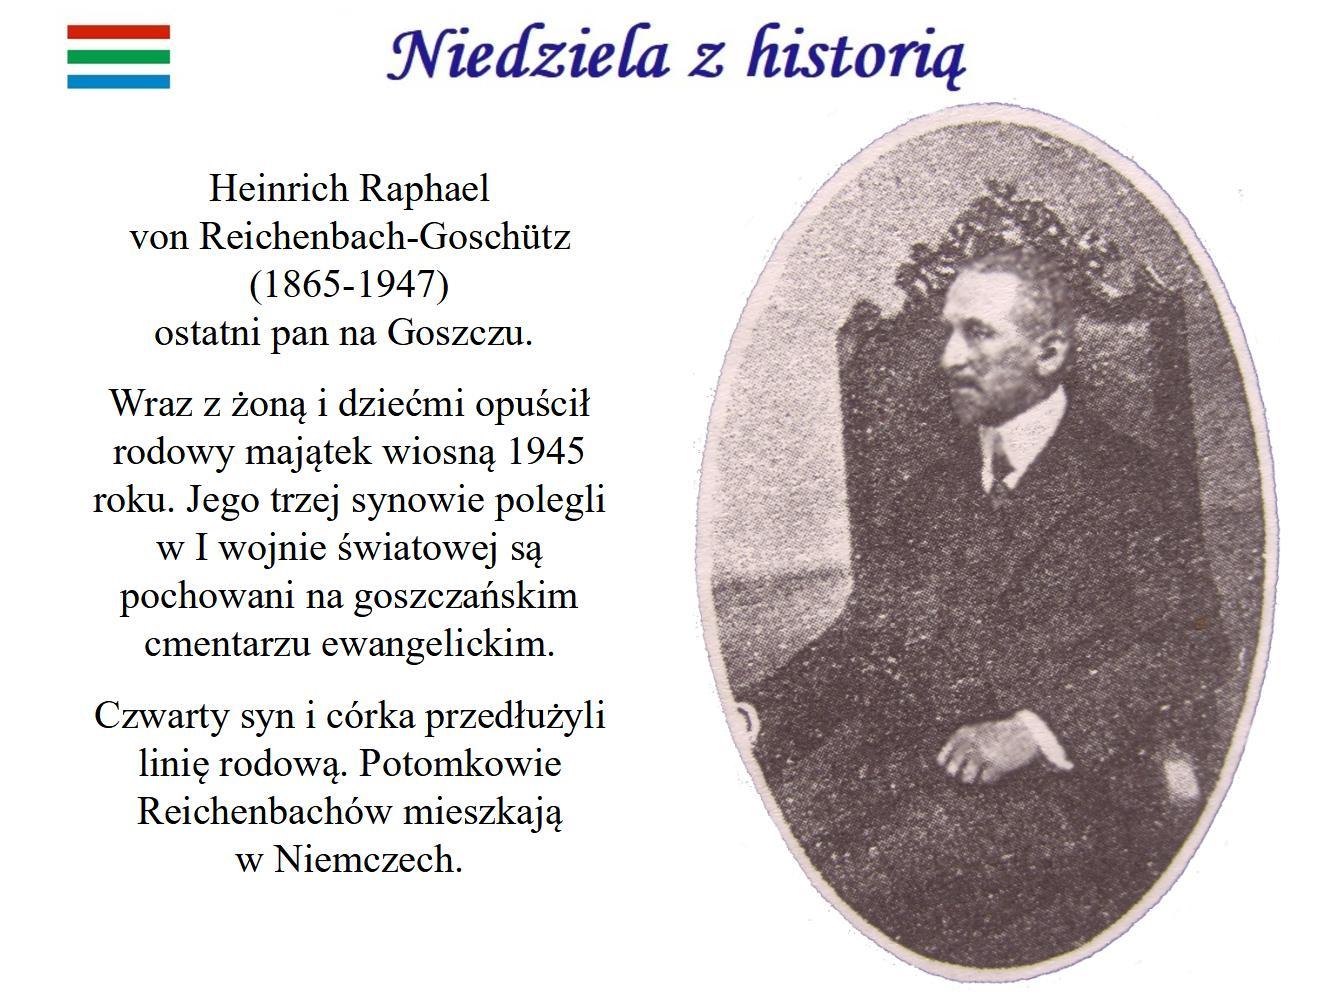 HistoriaKL.jpg